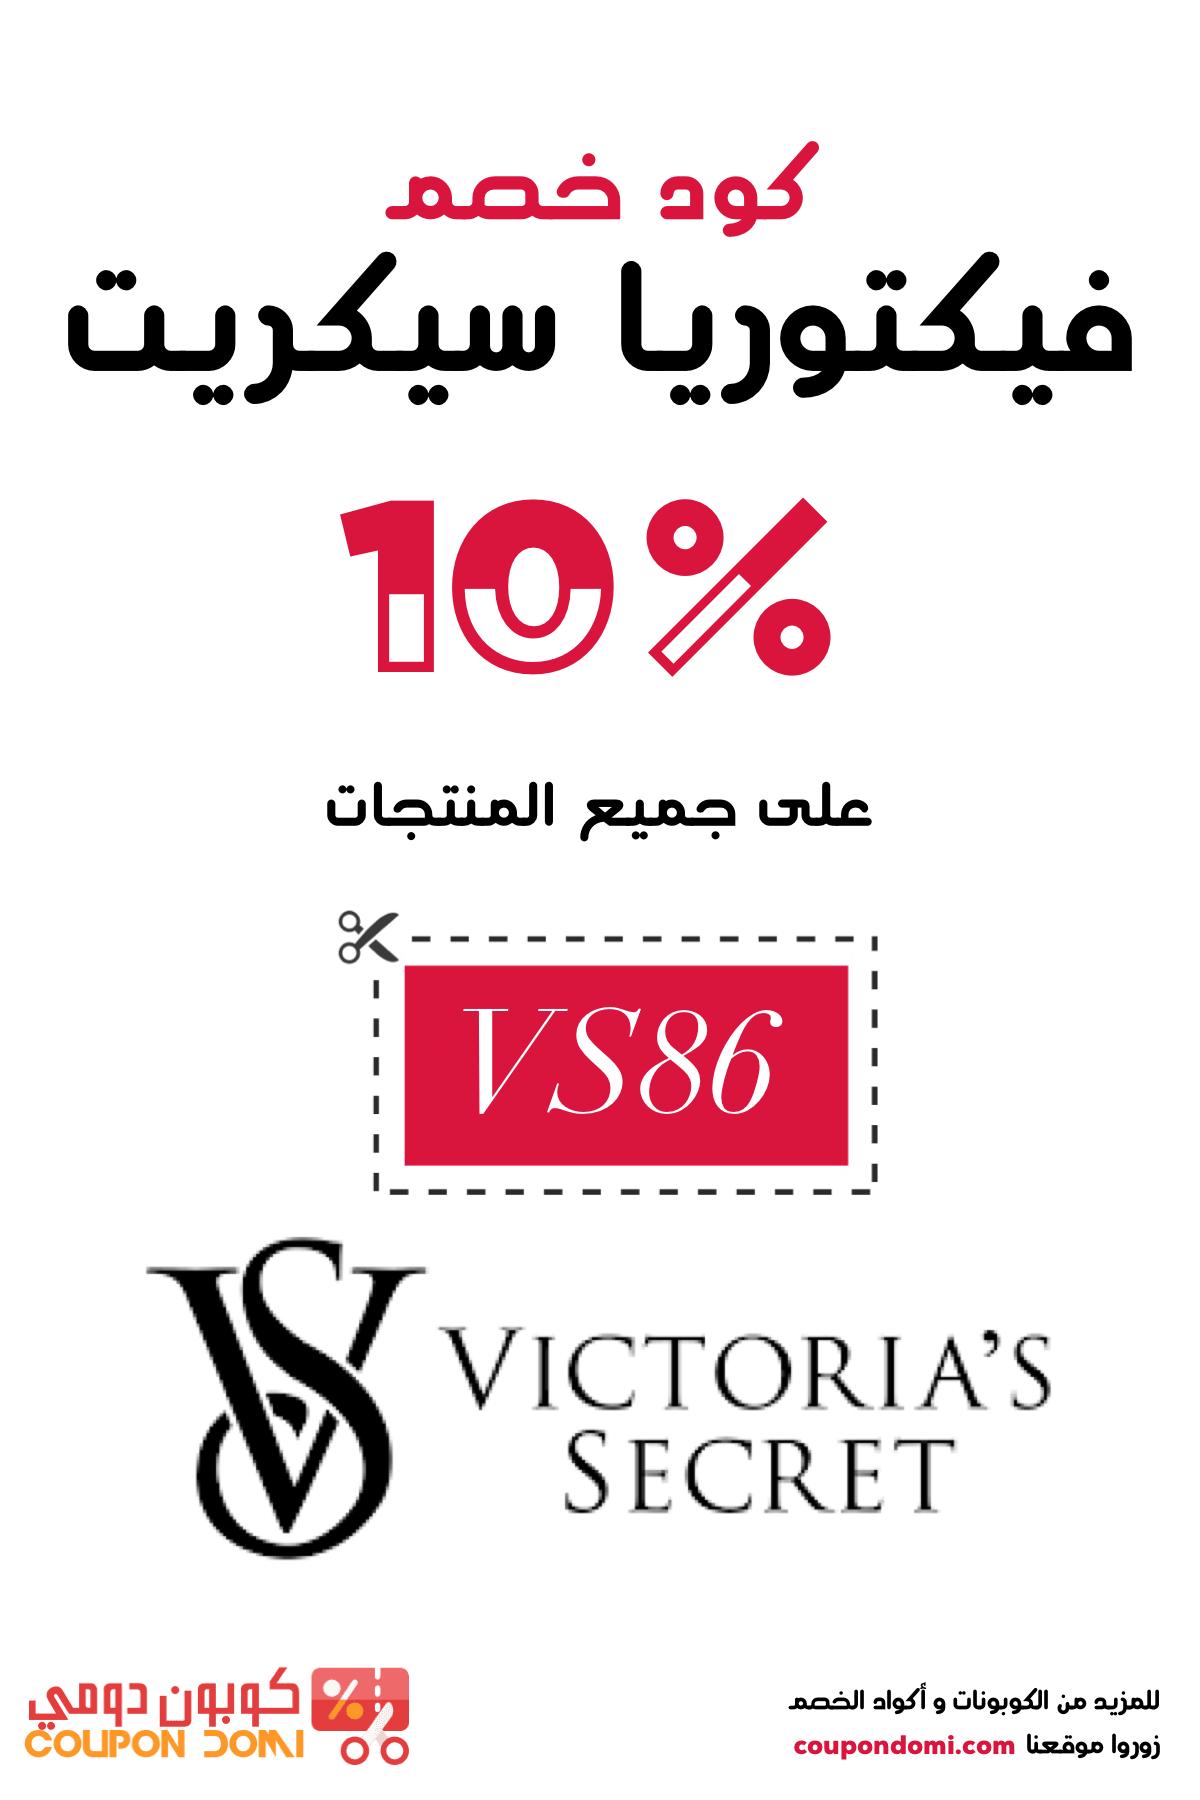 كود خصم فيكتوريا سيكريت 10 على جميع المشتريات من Victoria S Secret Victoria Secret Coupon Victoria Secret Secret